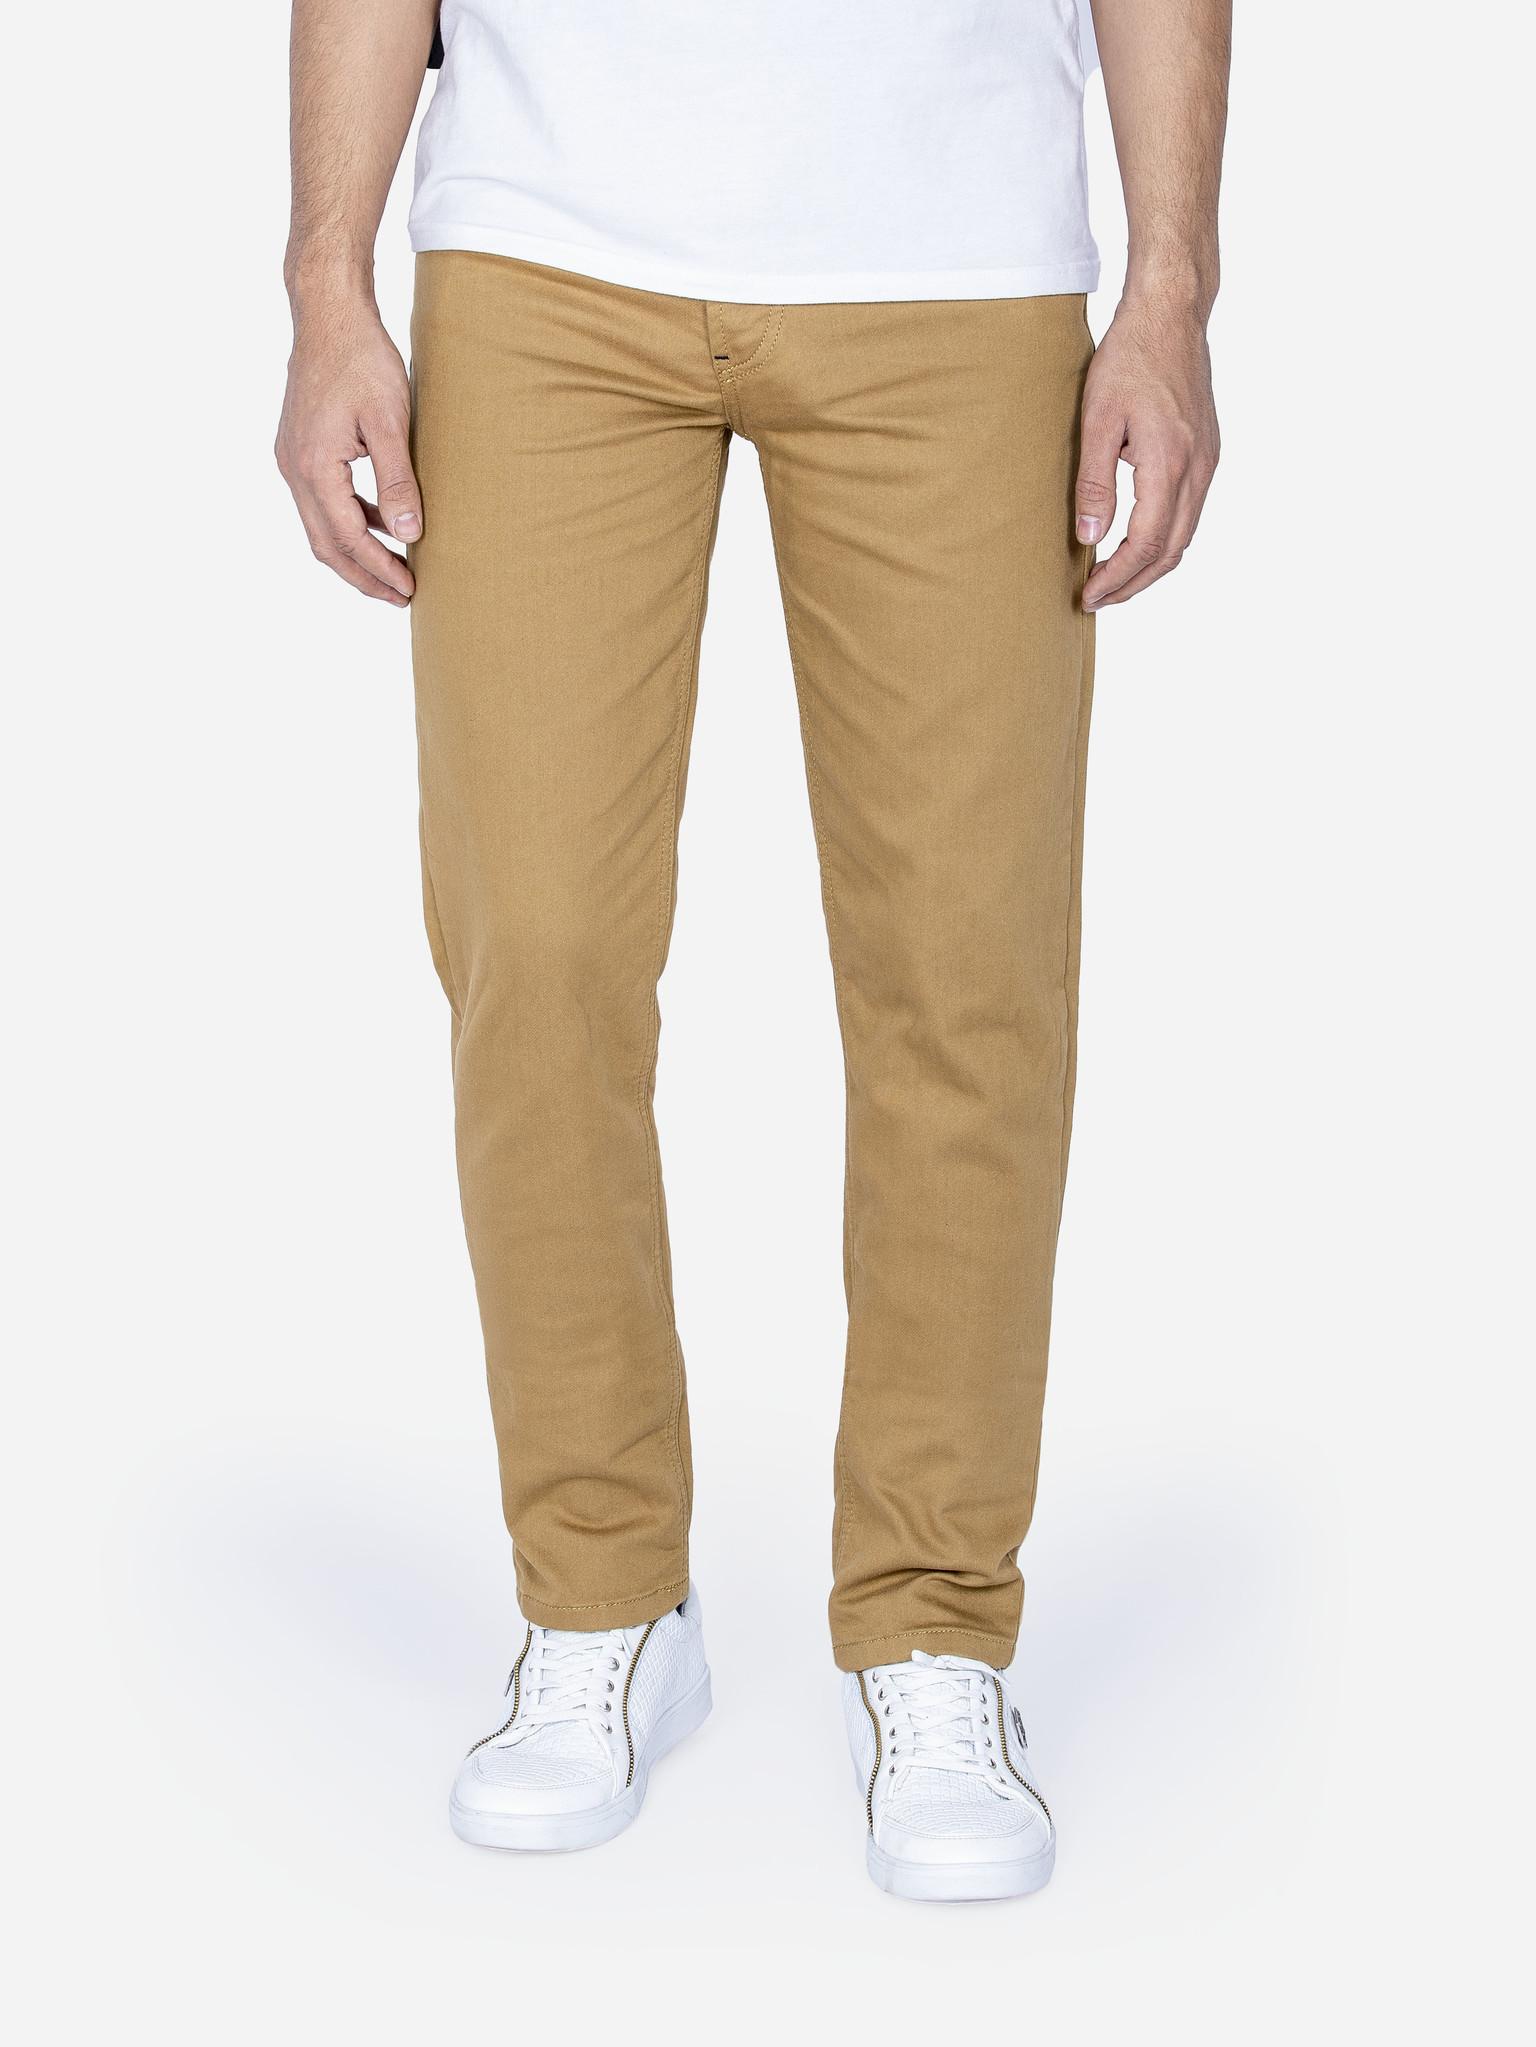 Gaznawi Jeans 68059 Camel L34 Maat: 32/34